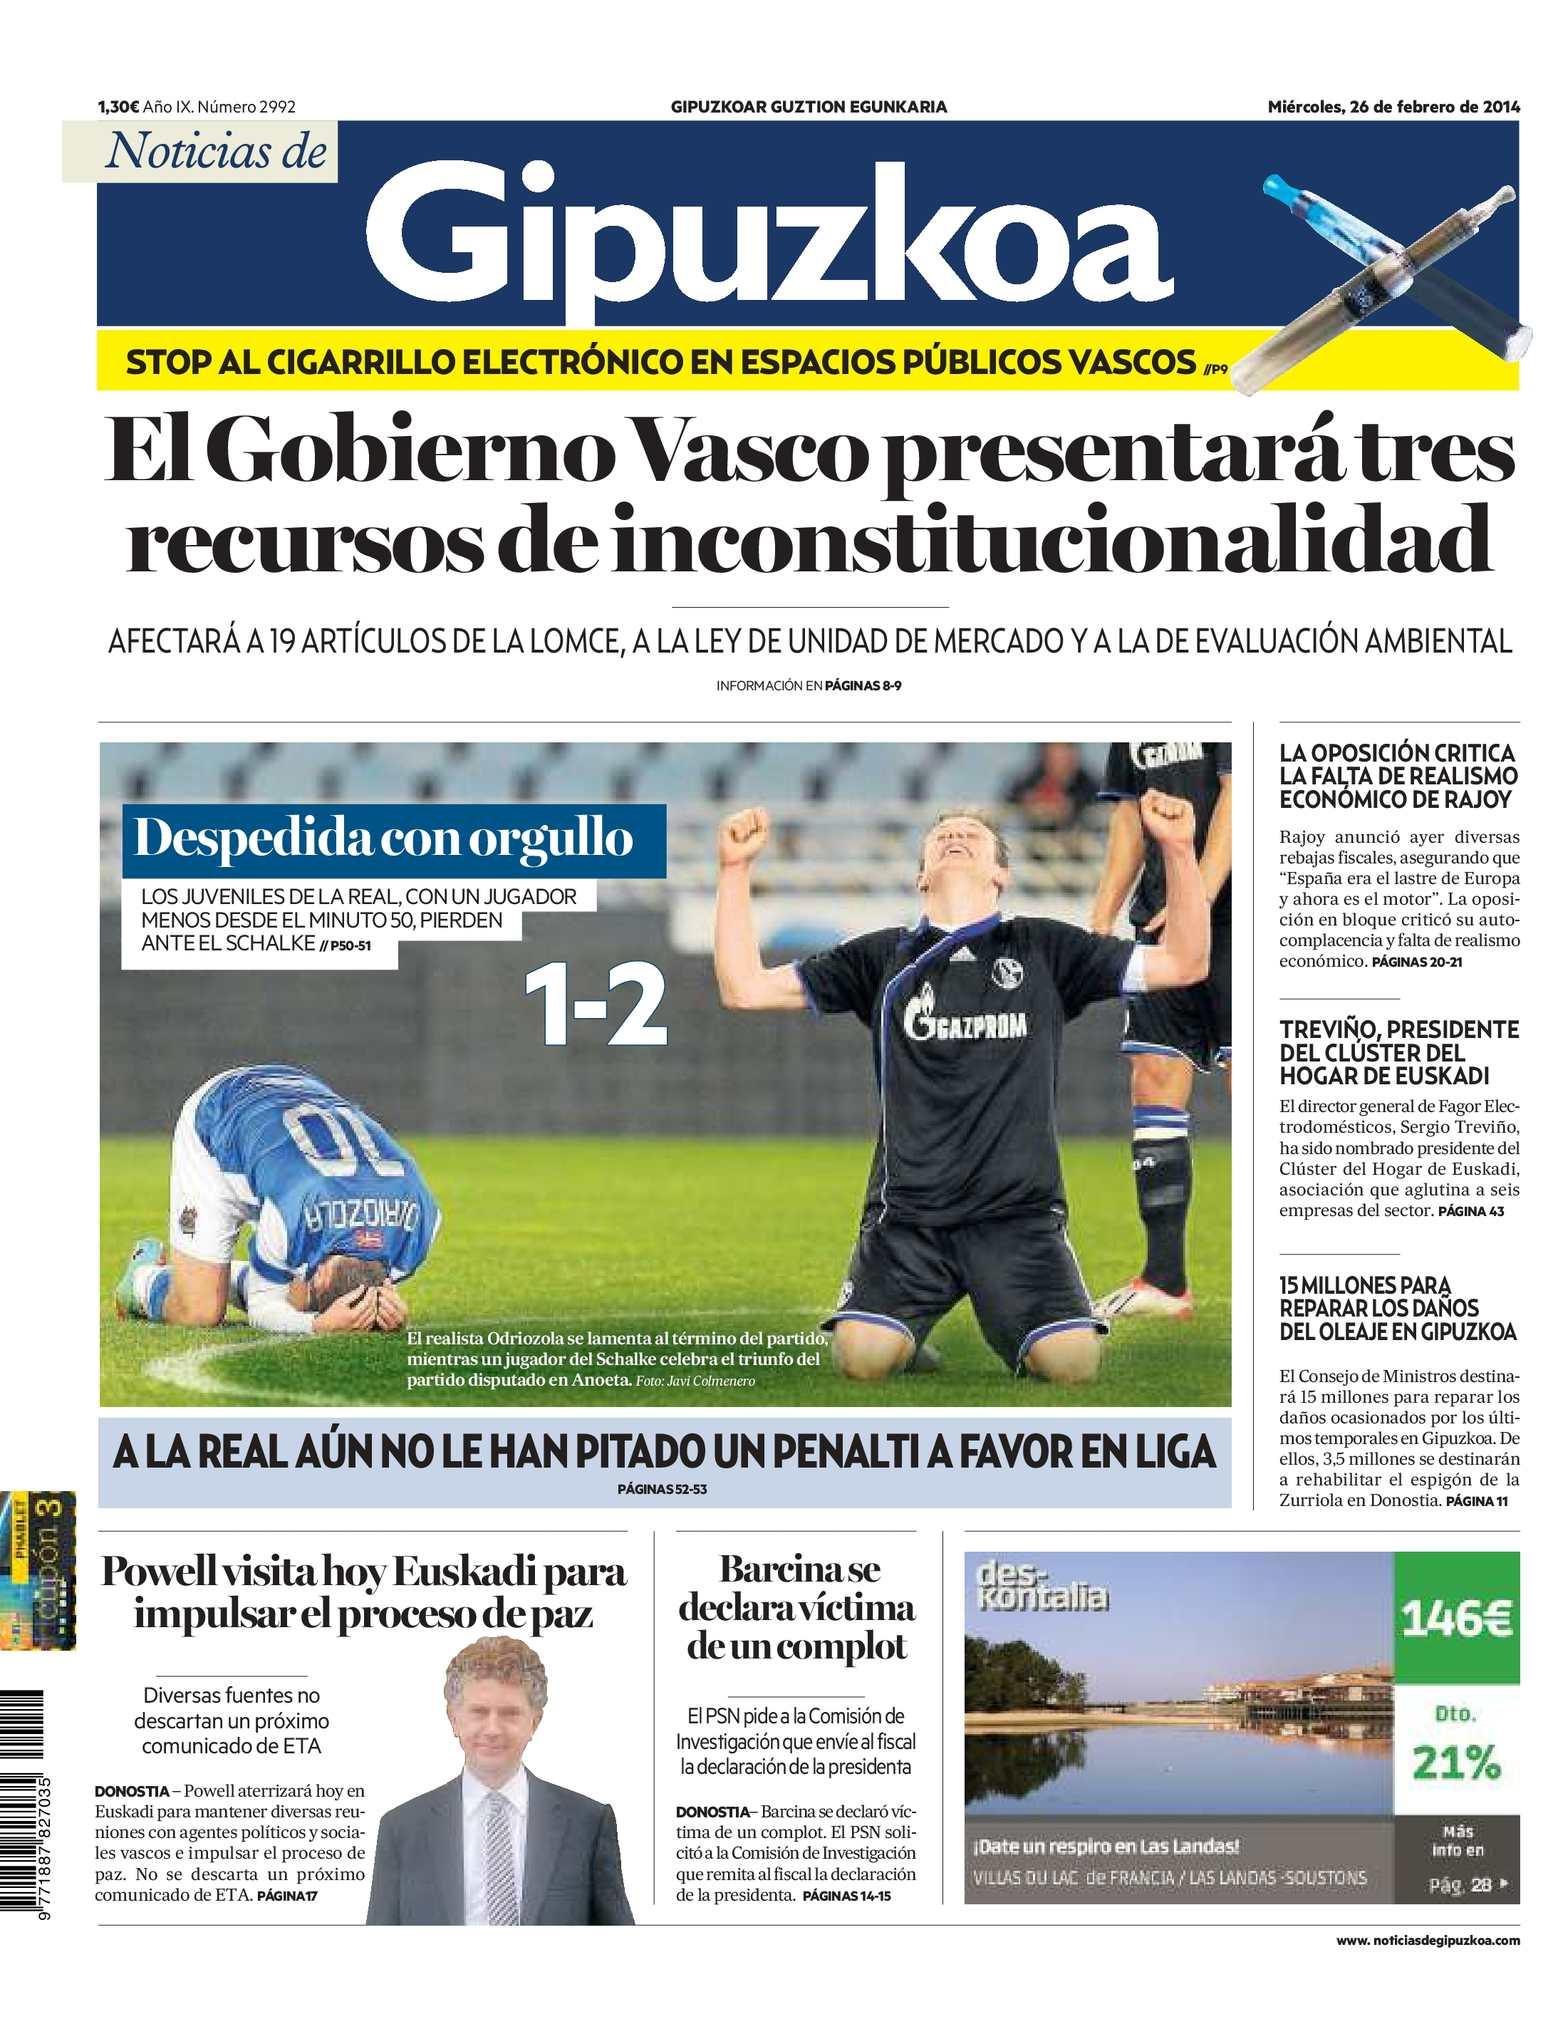 Calaméo - Noticias de Gipuzkoa 20140226 9c1379a684d11